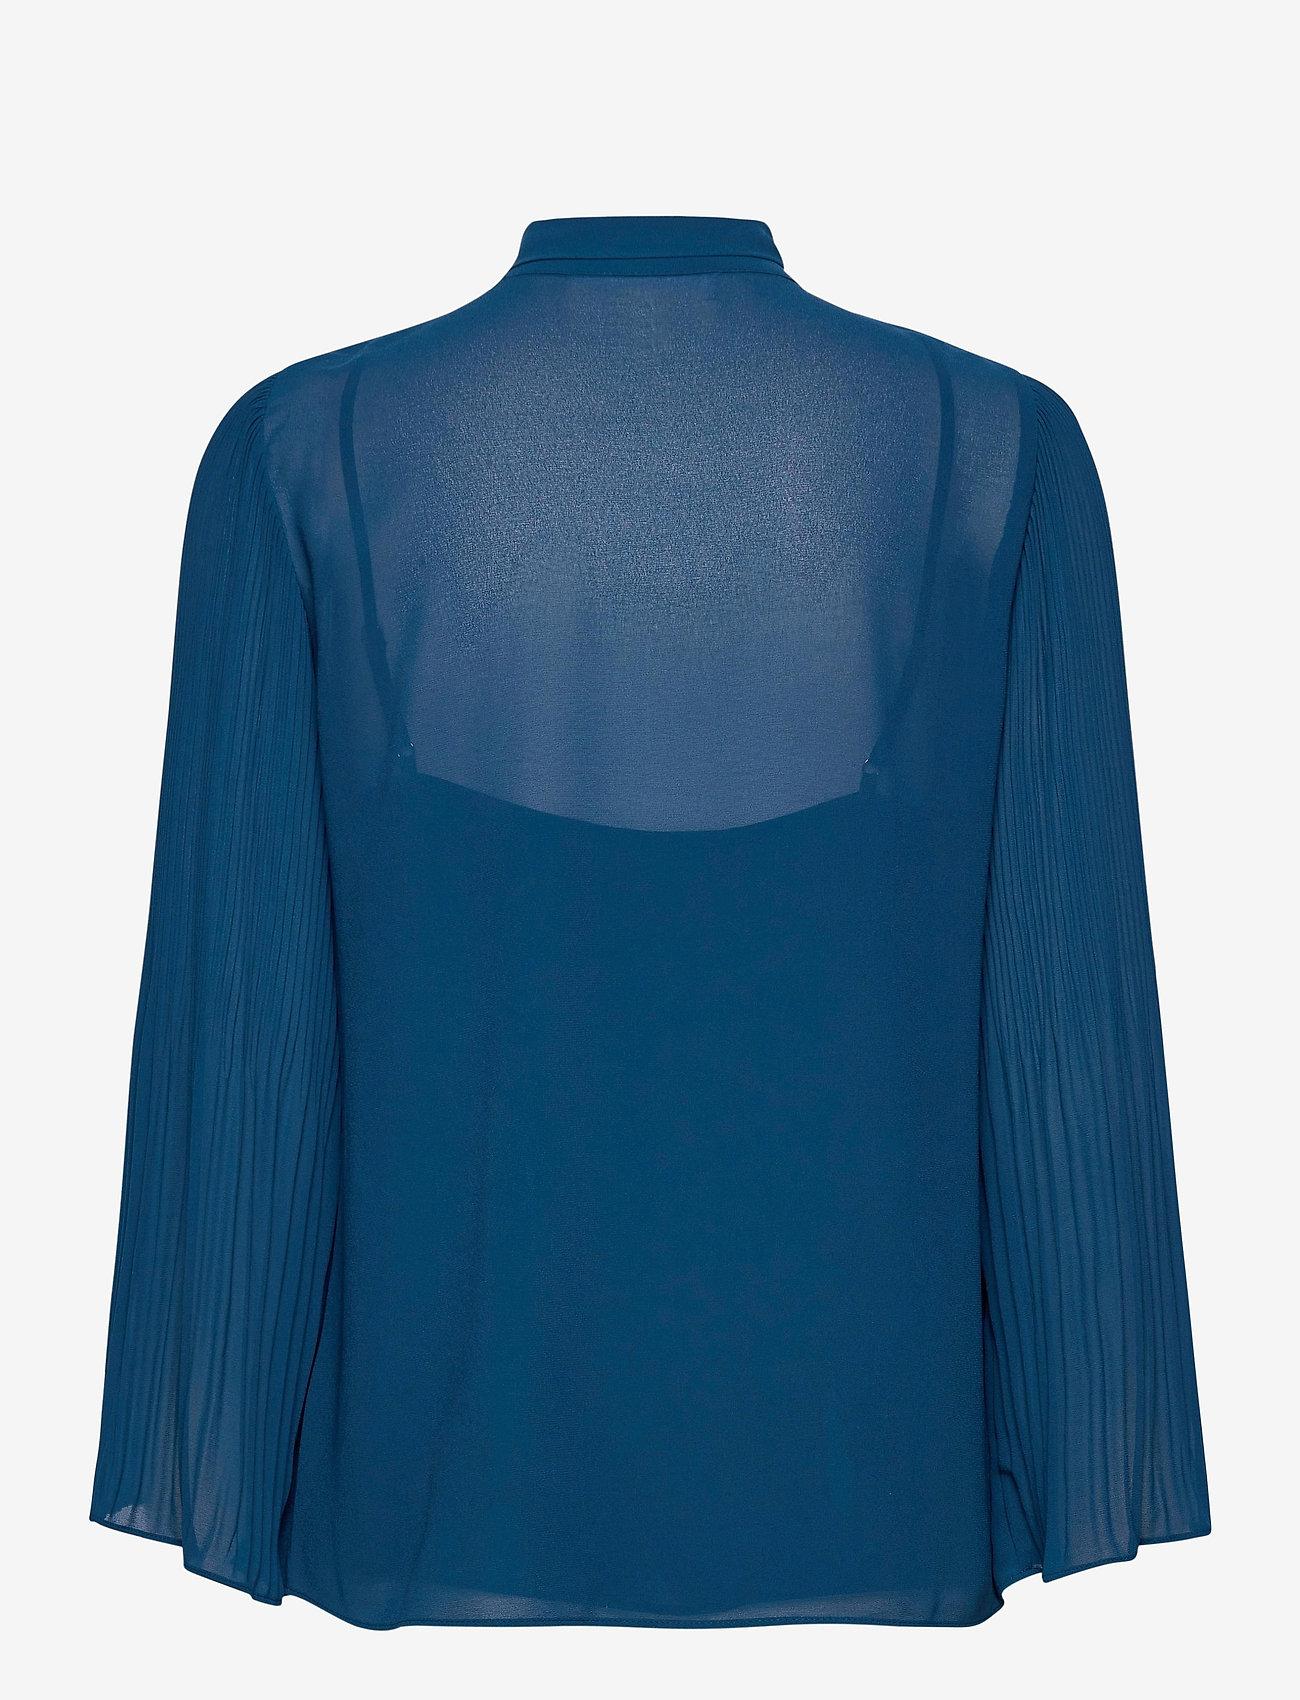 Michael Kors - PLEATED TOP - blouses met lange mouwen - river blue - 1